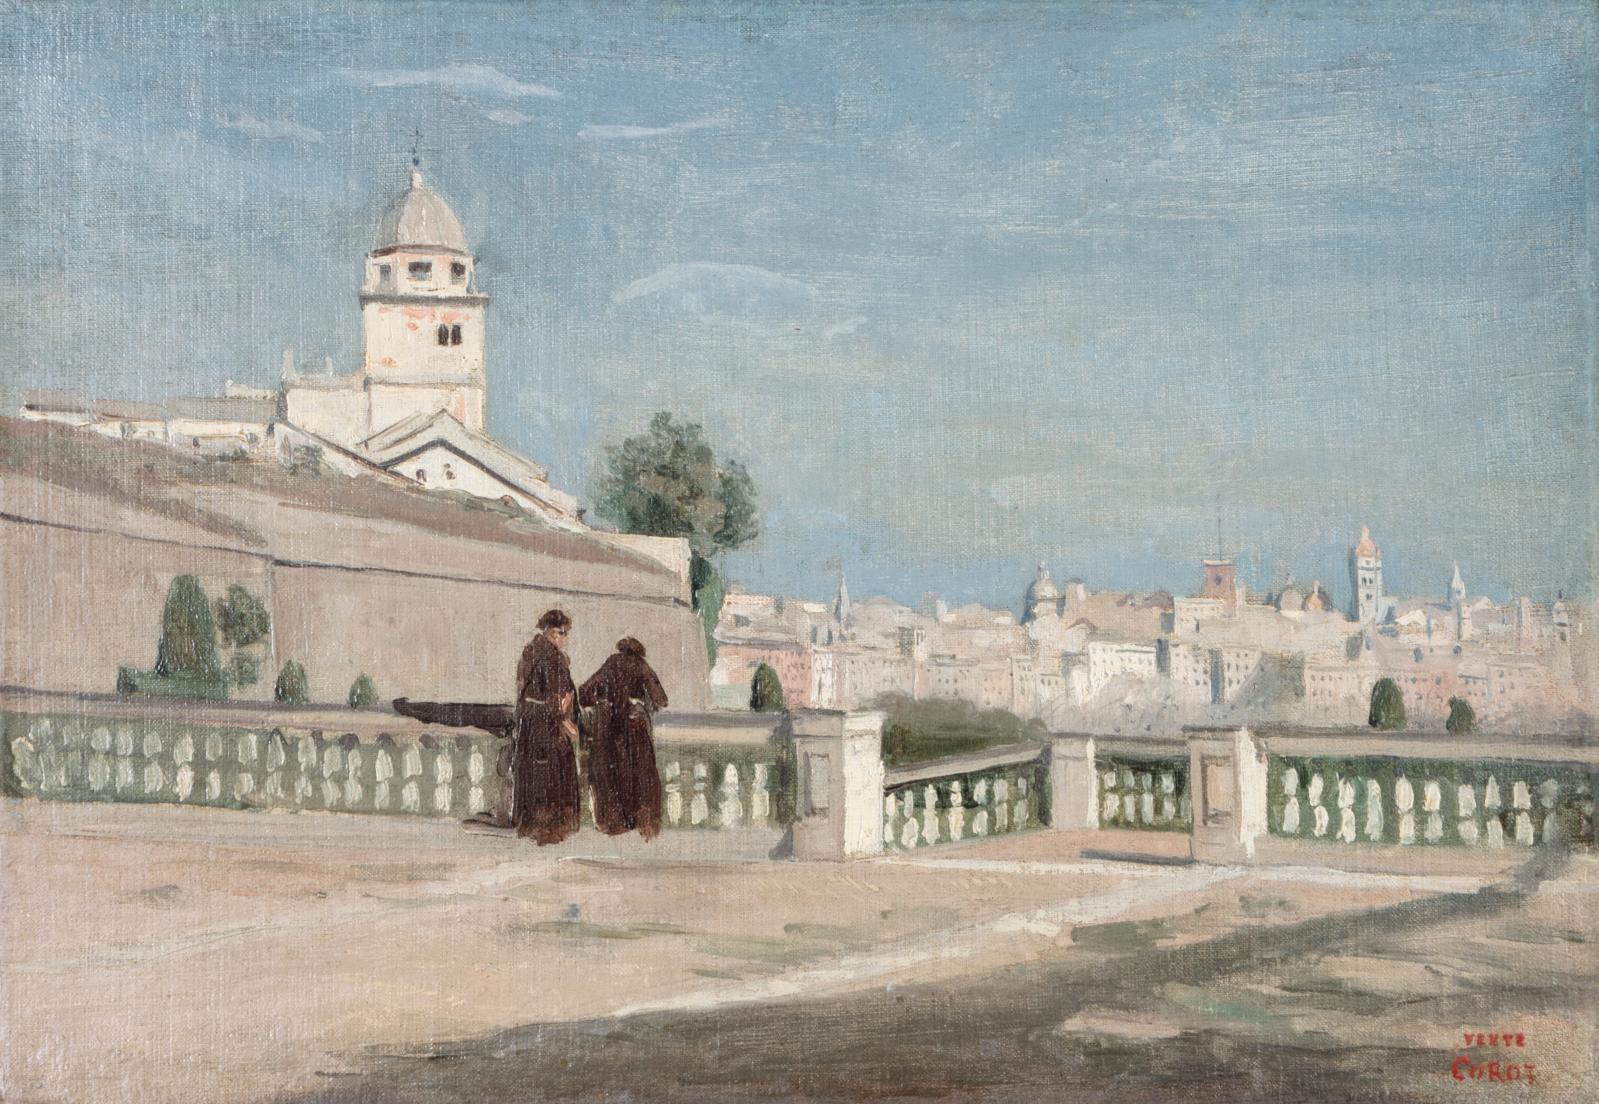 Camille Corot (1796–1875), Deux moines sur la terrasse du palais Doria à Gênes (Two Monks on the Terrace of the Palazzo Doria, Genoa), Jun